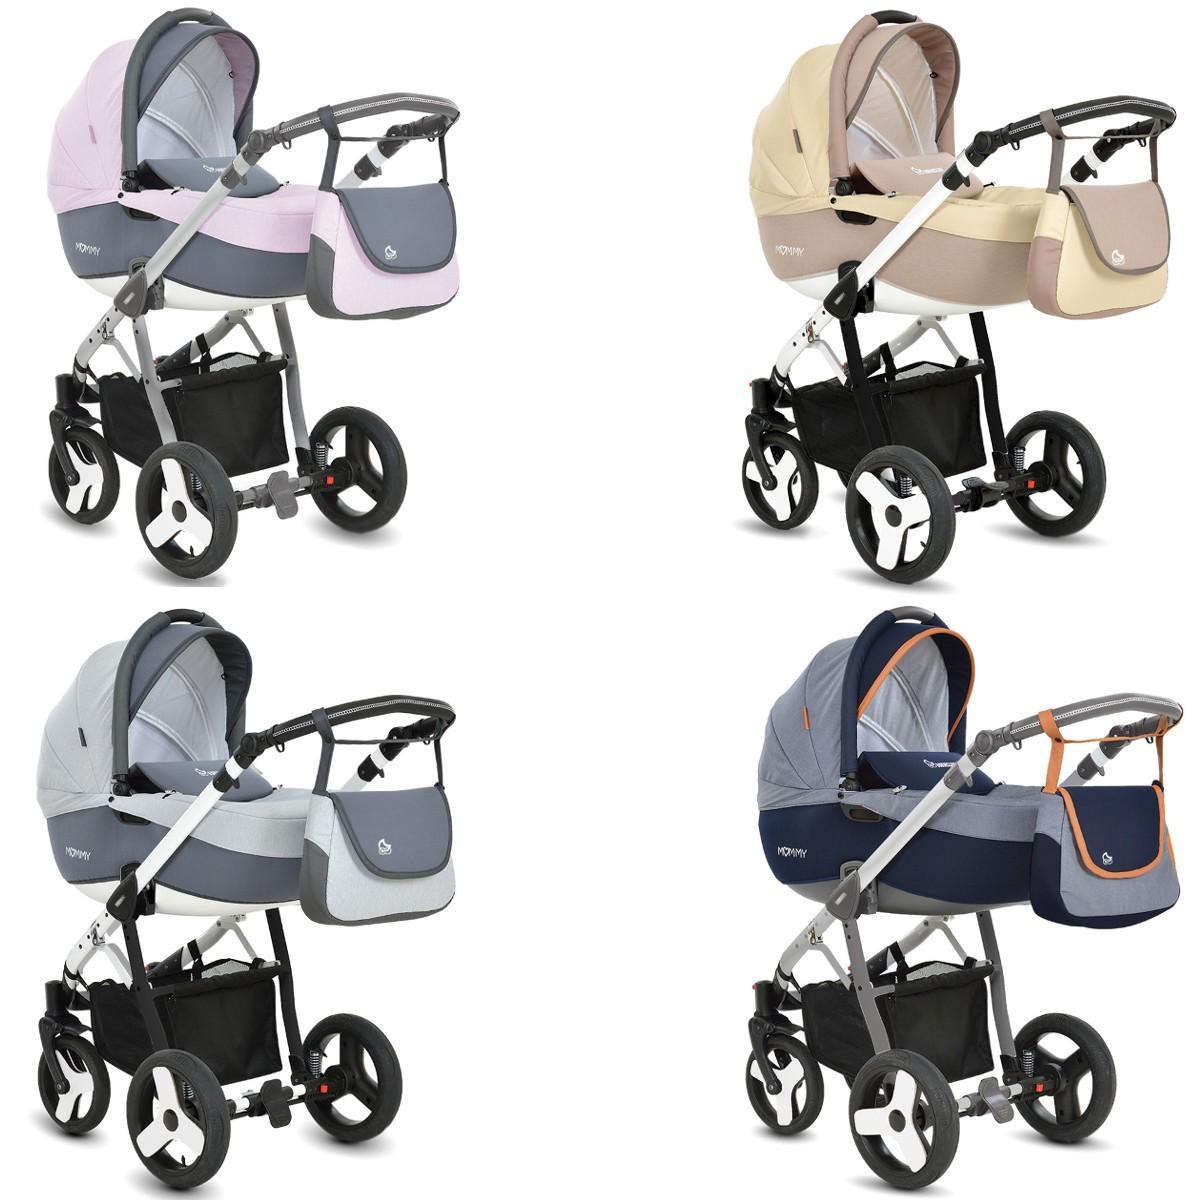 mommy kombi kinderwagen 2in1 mit babywanne sportwagenaufsatz buggy 4 farben. Black Bedroom Furniture Sets. Home Design Ideas